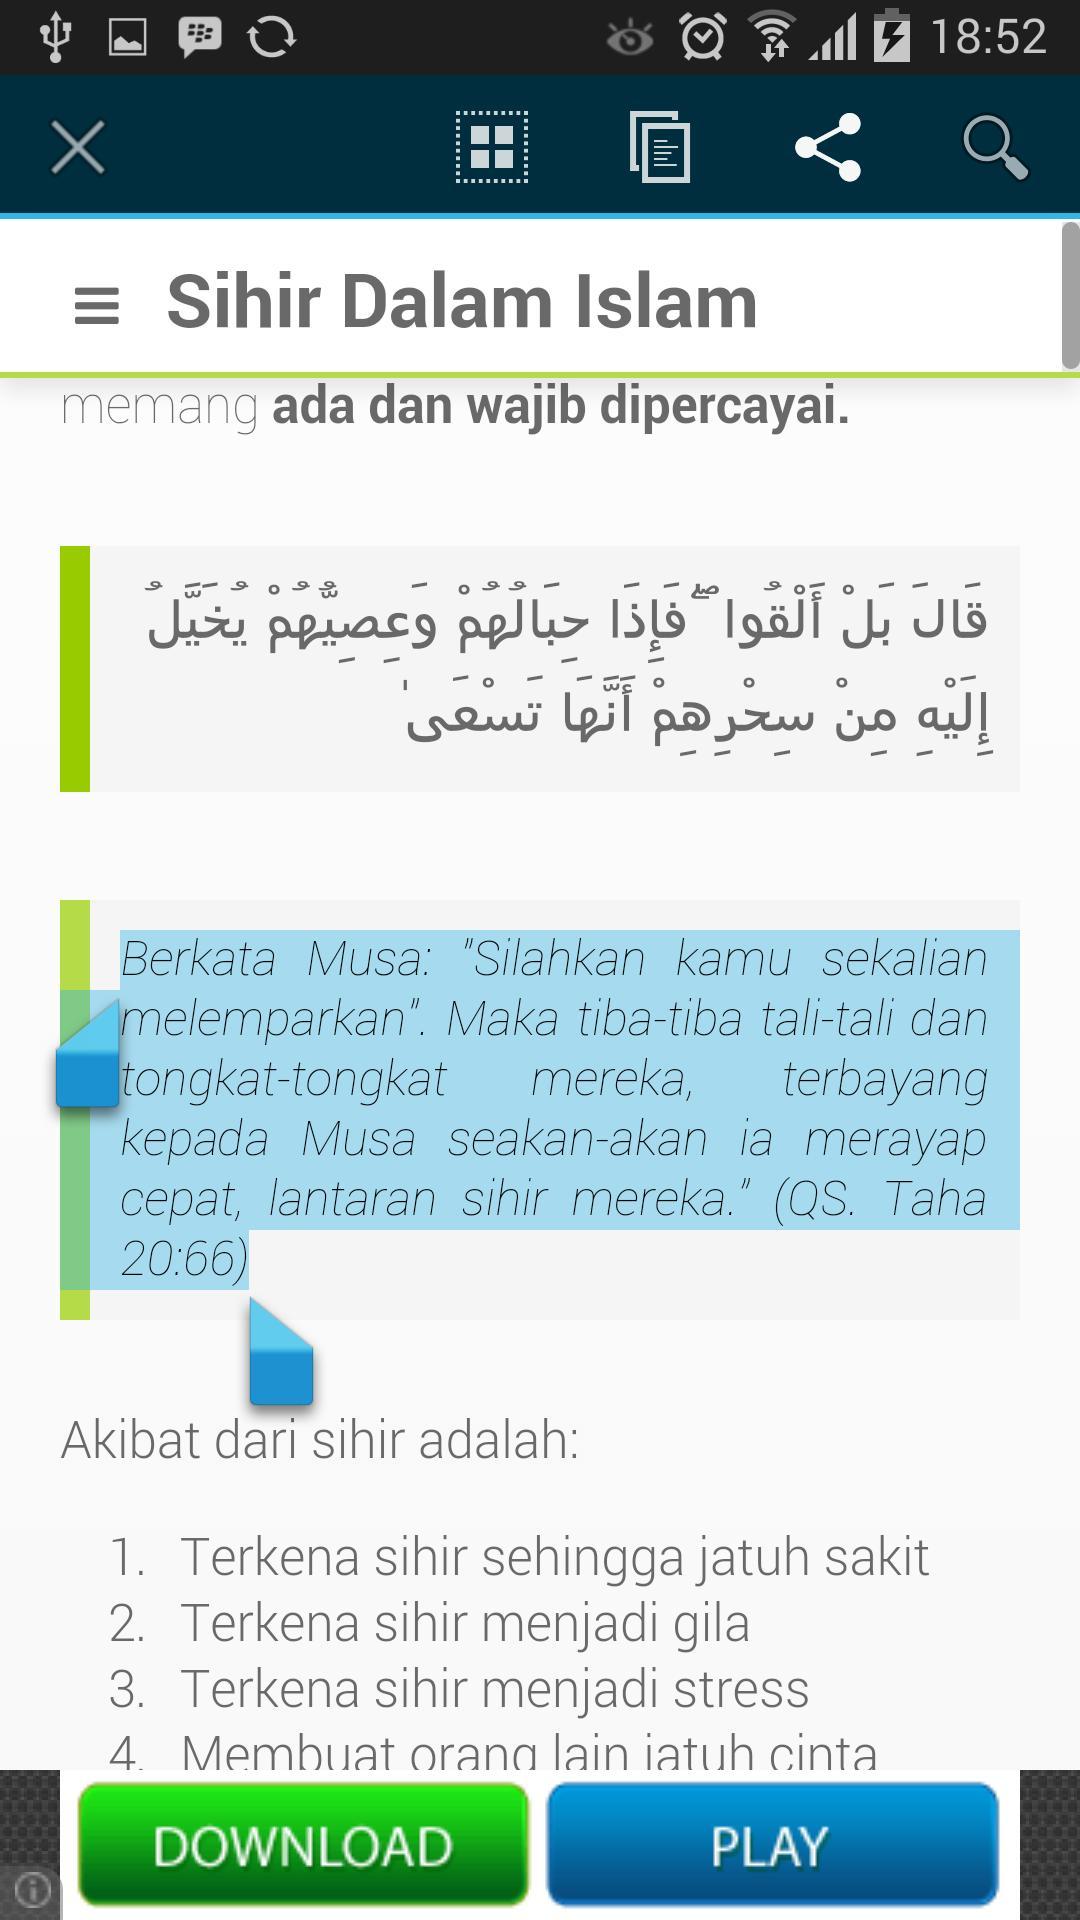 Sihir Dalam Islam for Android - APK Download